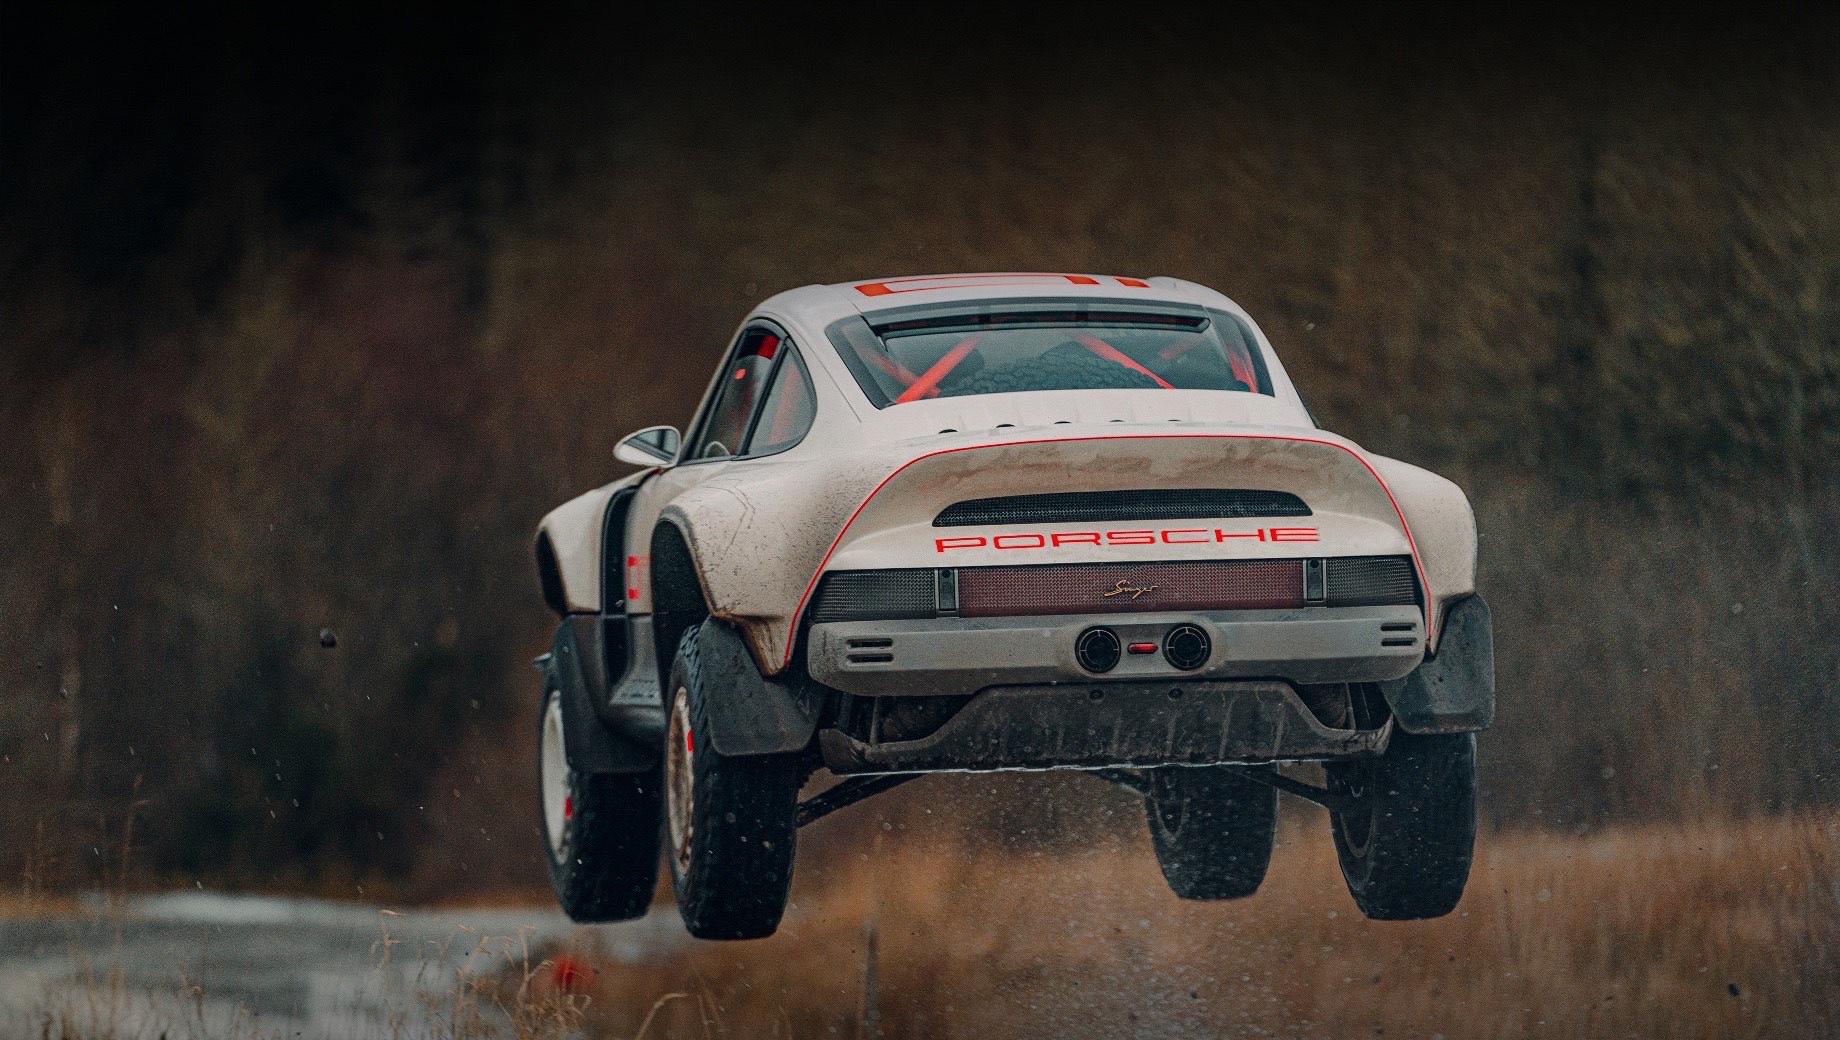 Ралли-кар Singer ACS лишится надписей Porsche на кузове